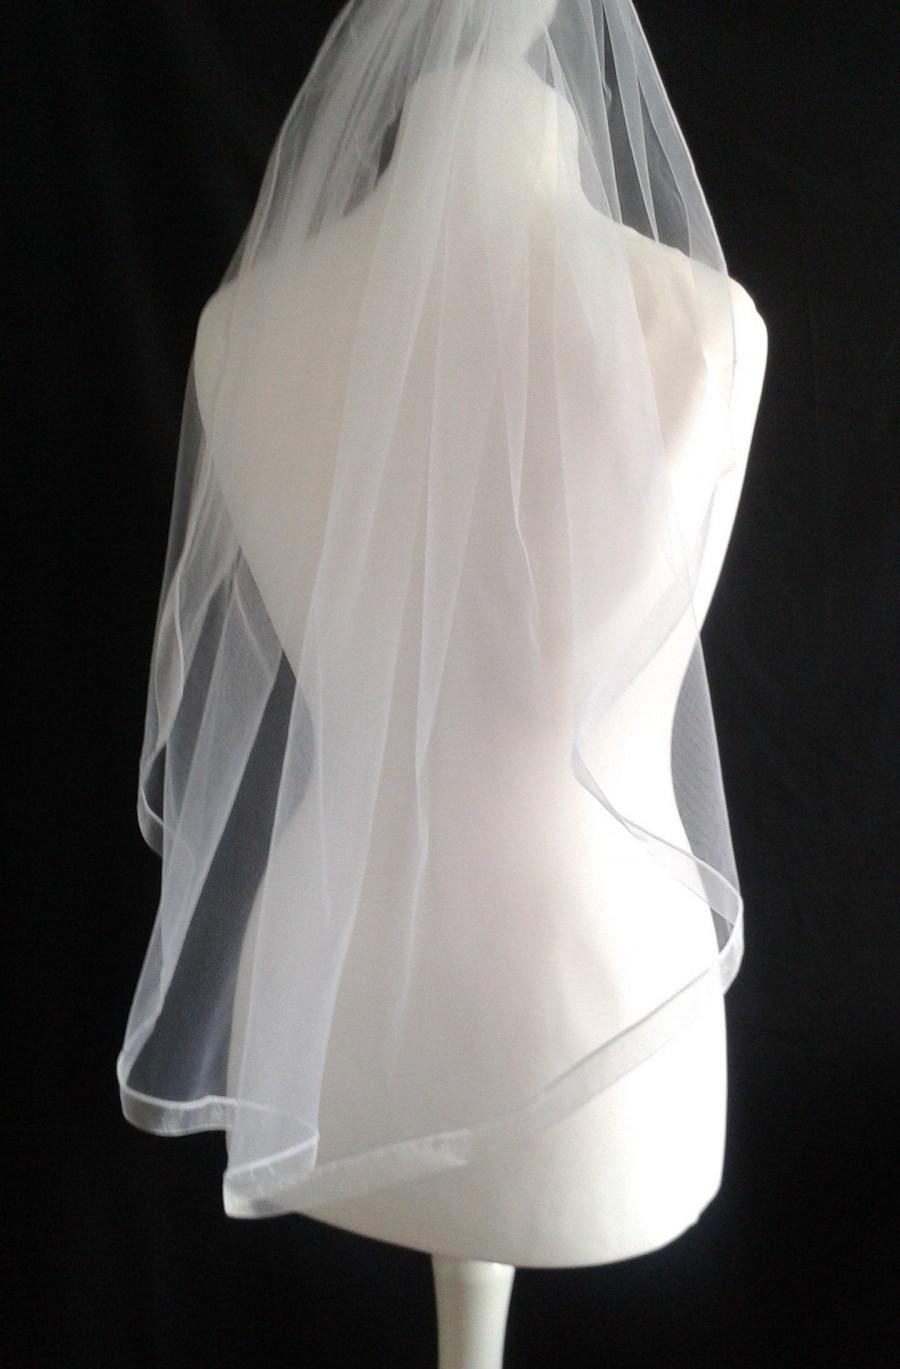 Свадьба - Ivory, Ribbon, Edge, 1 Tier, Veil, Any Colour, Waist, Length, Elbow, Fingertip, Shoulder, Wedding, Bridal, Cream, White, LB Veils LBV183 UK